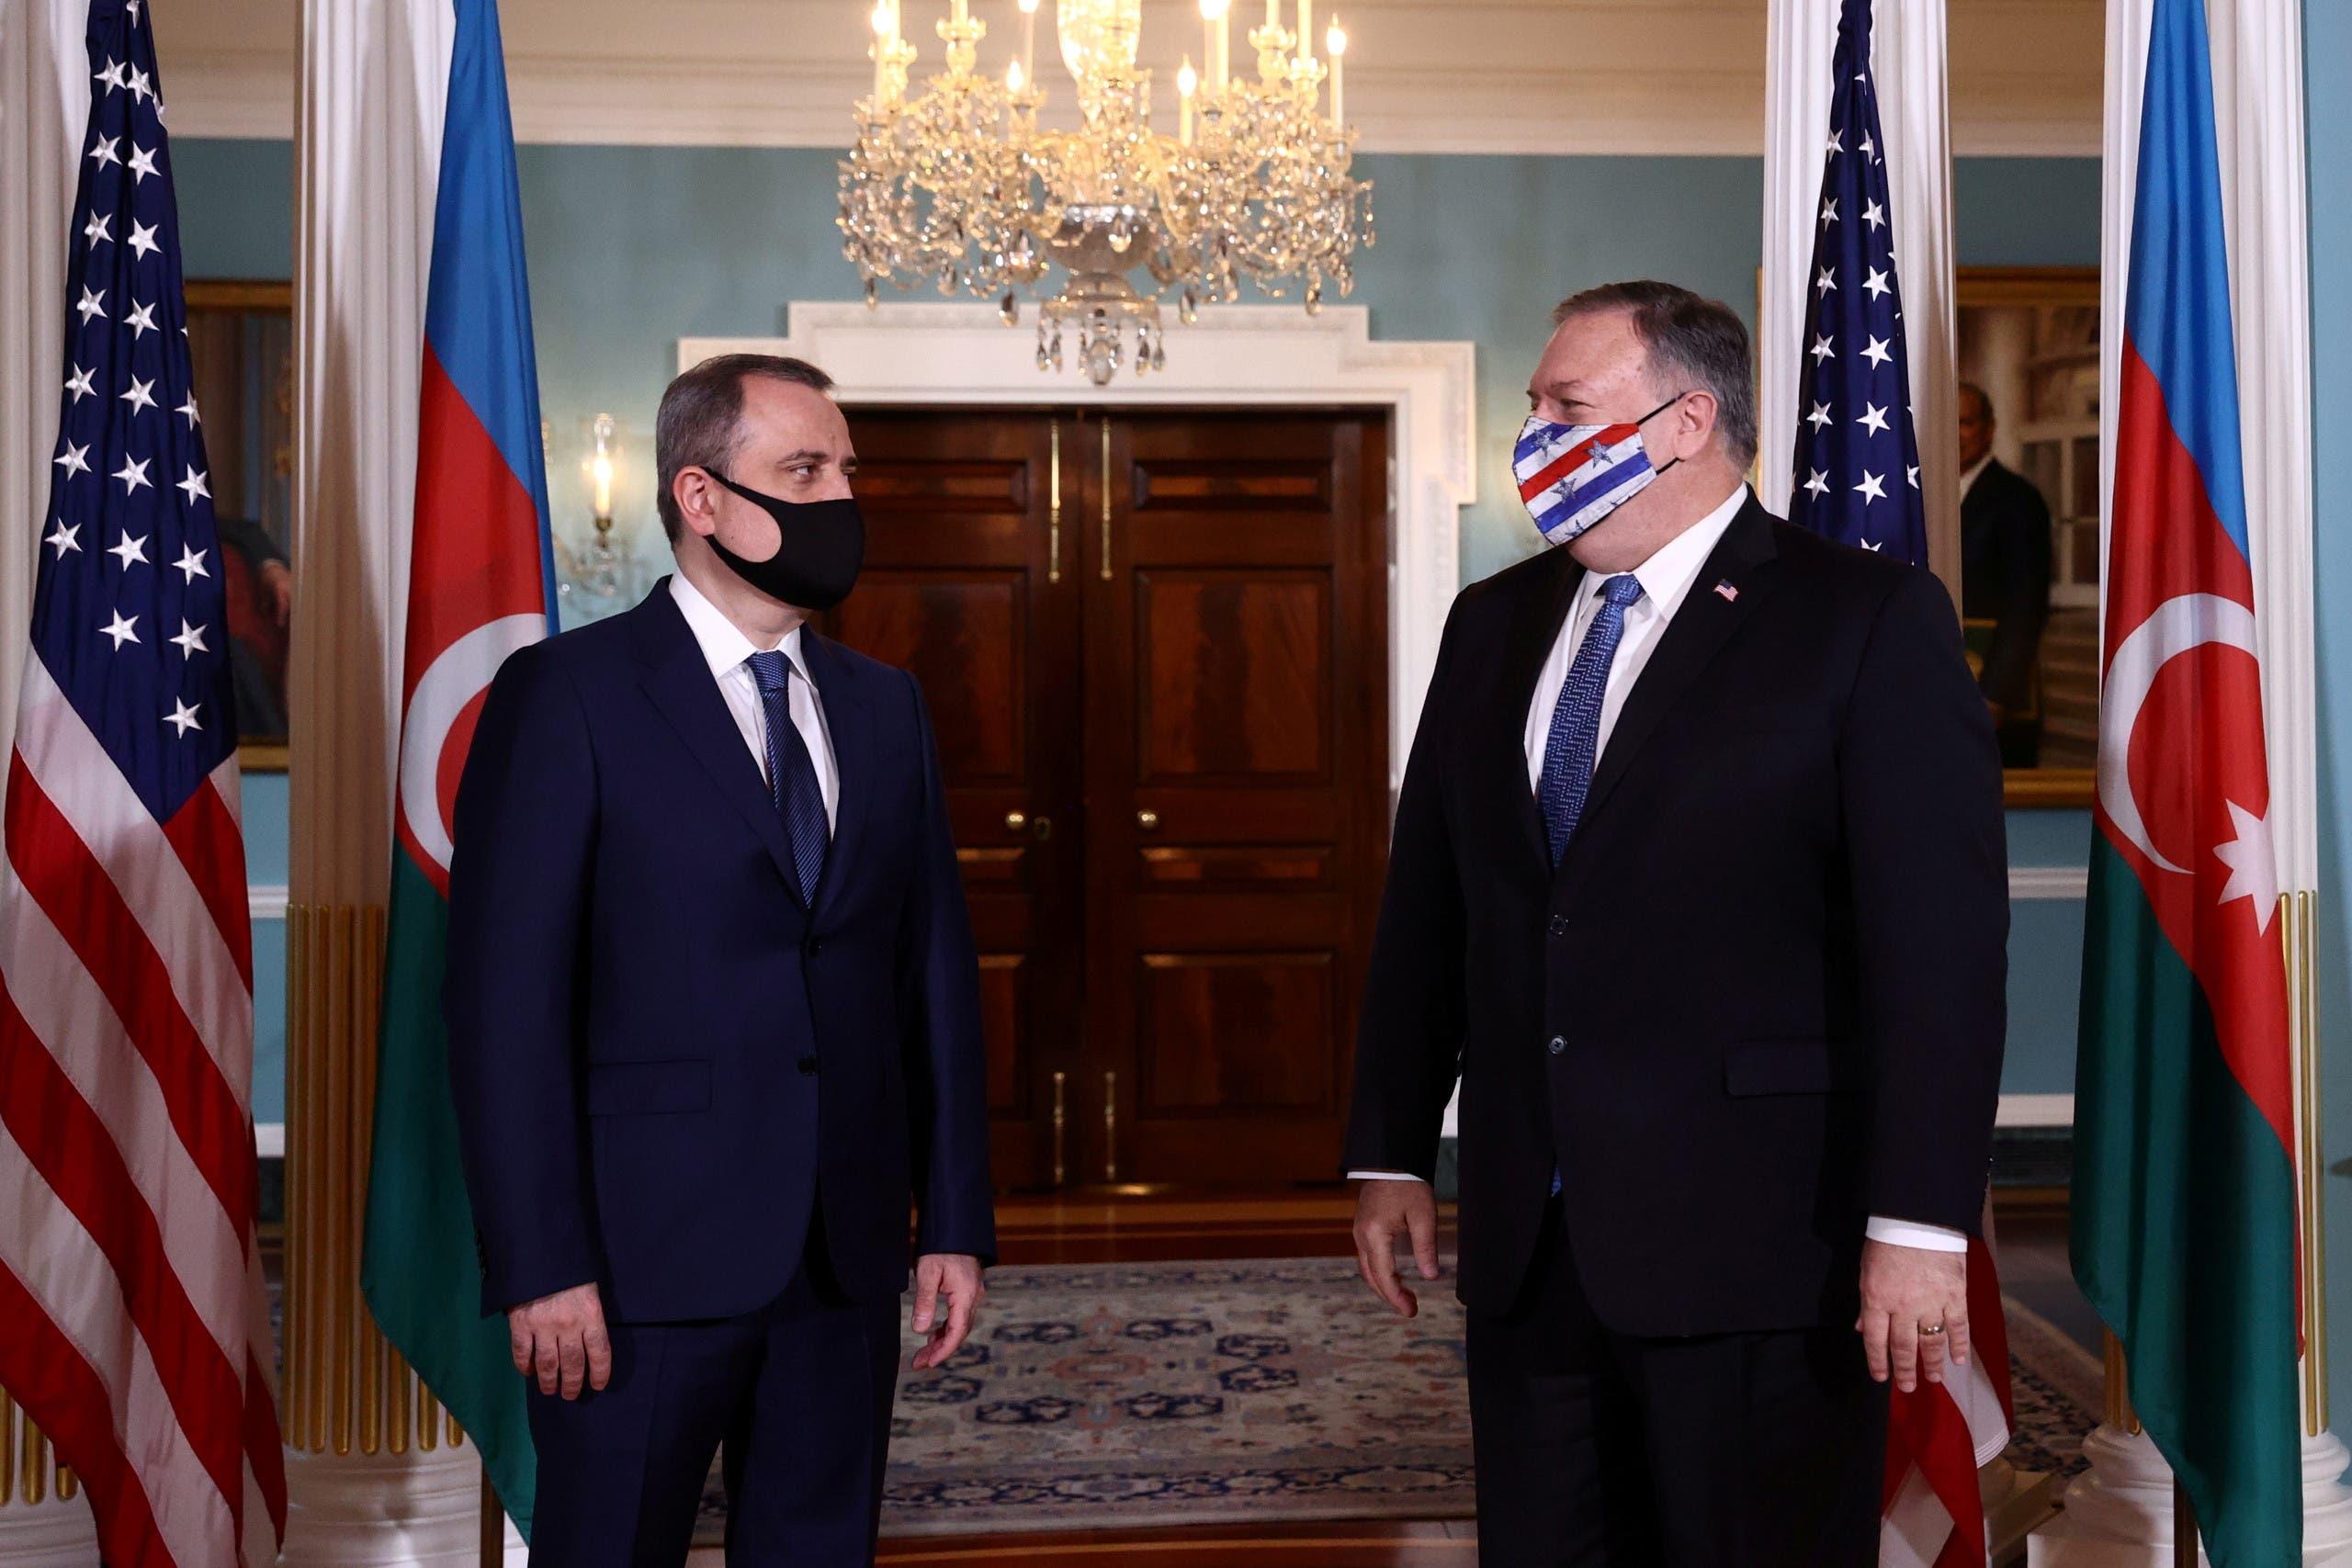 بومبيو مع نظيره الأذربيجاني الجمعة في واشنطن